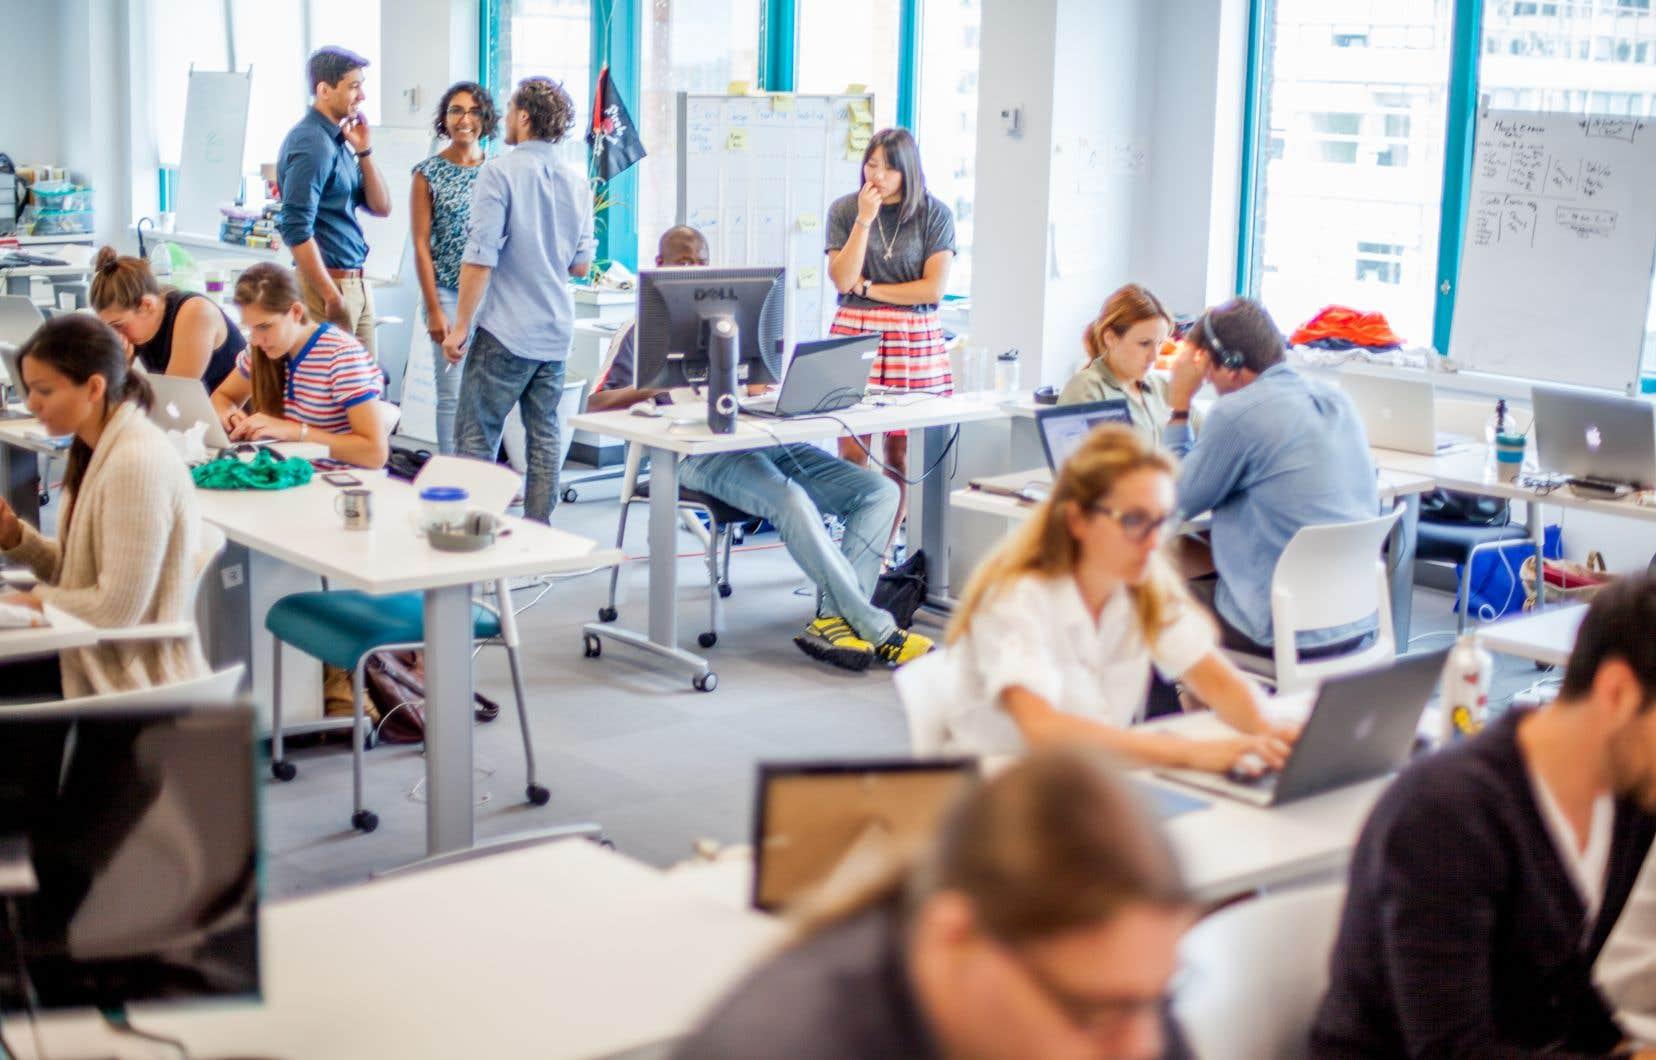 Le centre District 3 permet aux participants de se familiariser avec la réalité du monde des affaires.